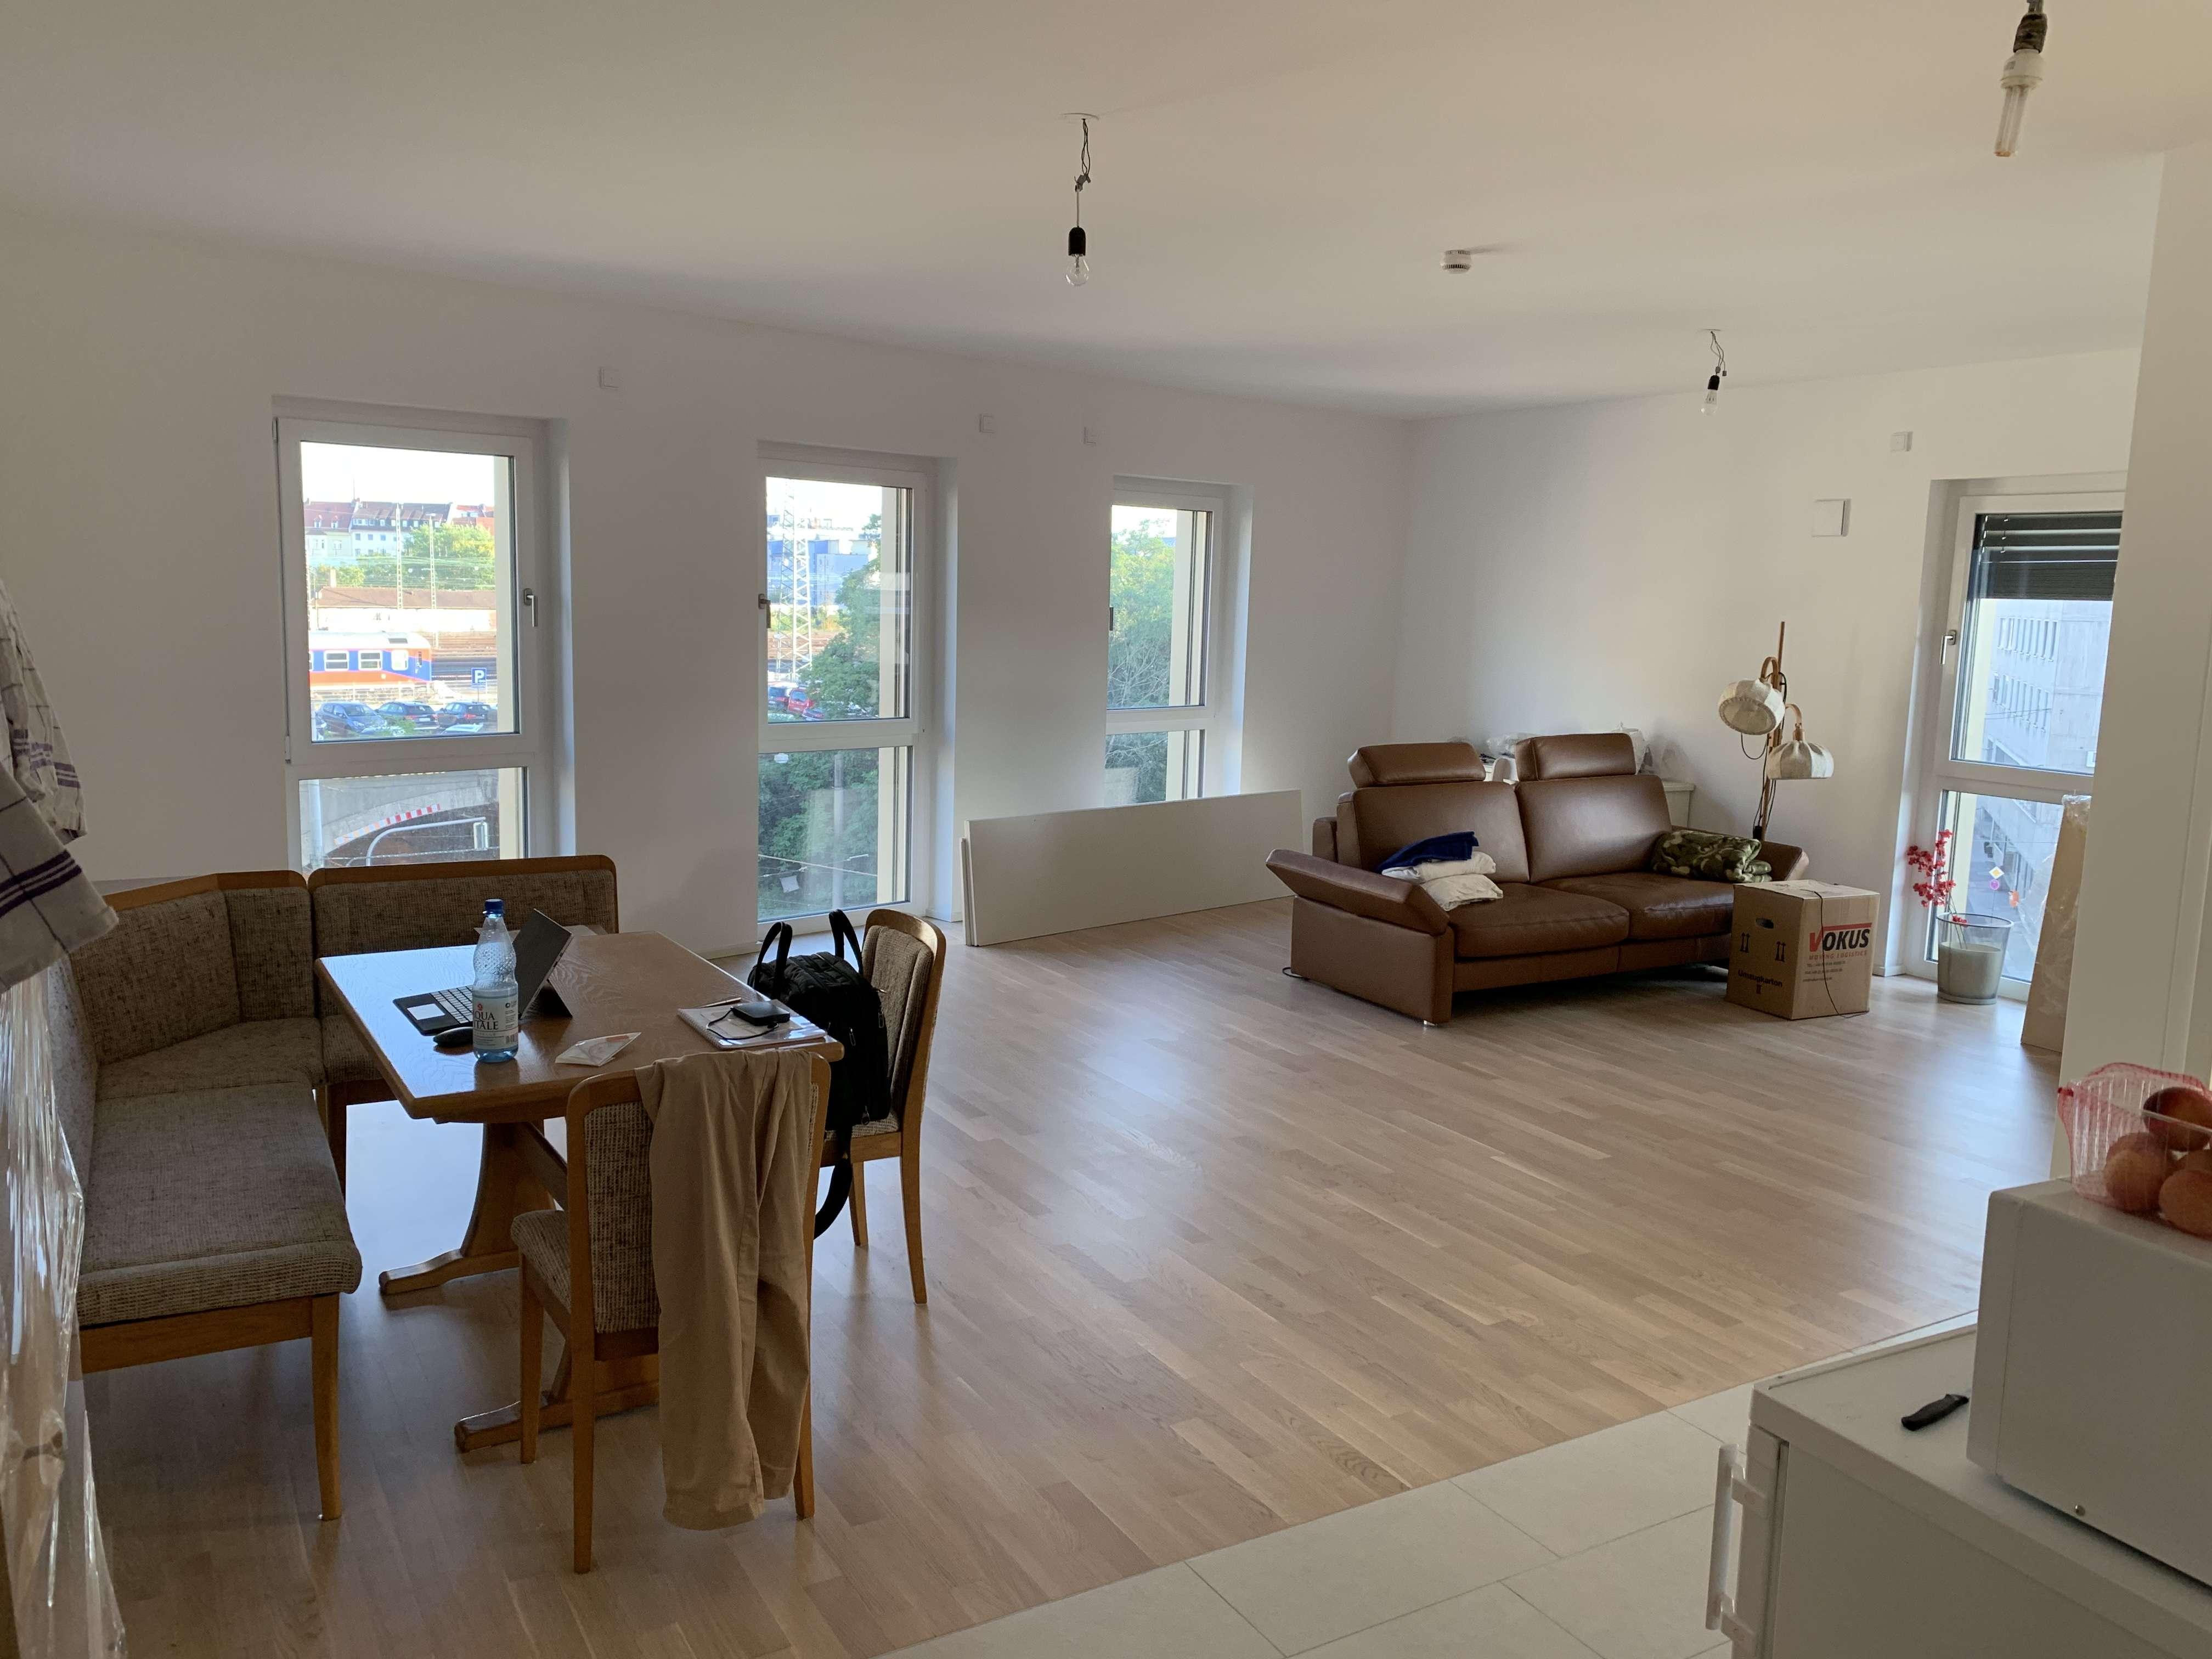 Verkehrsgünstig gelegene, geräumige zwei Zimmer Wohnung in Nürnberg, Marienvorstadt